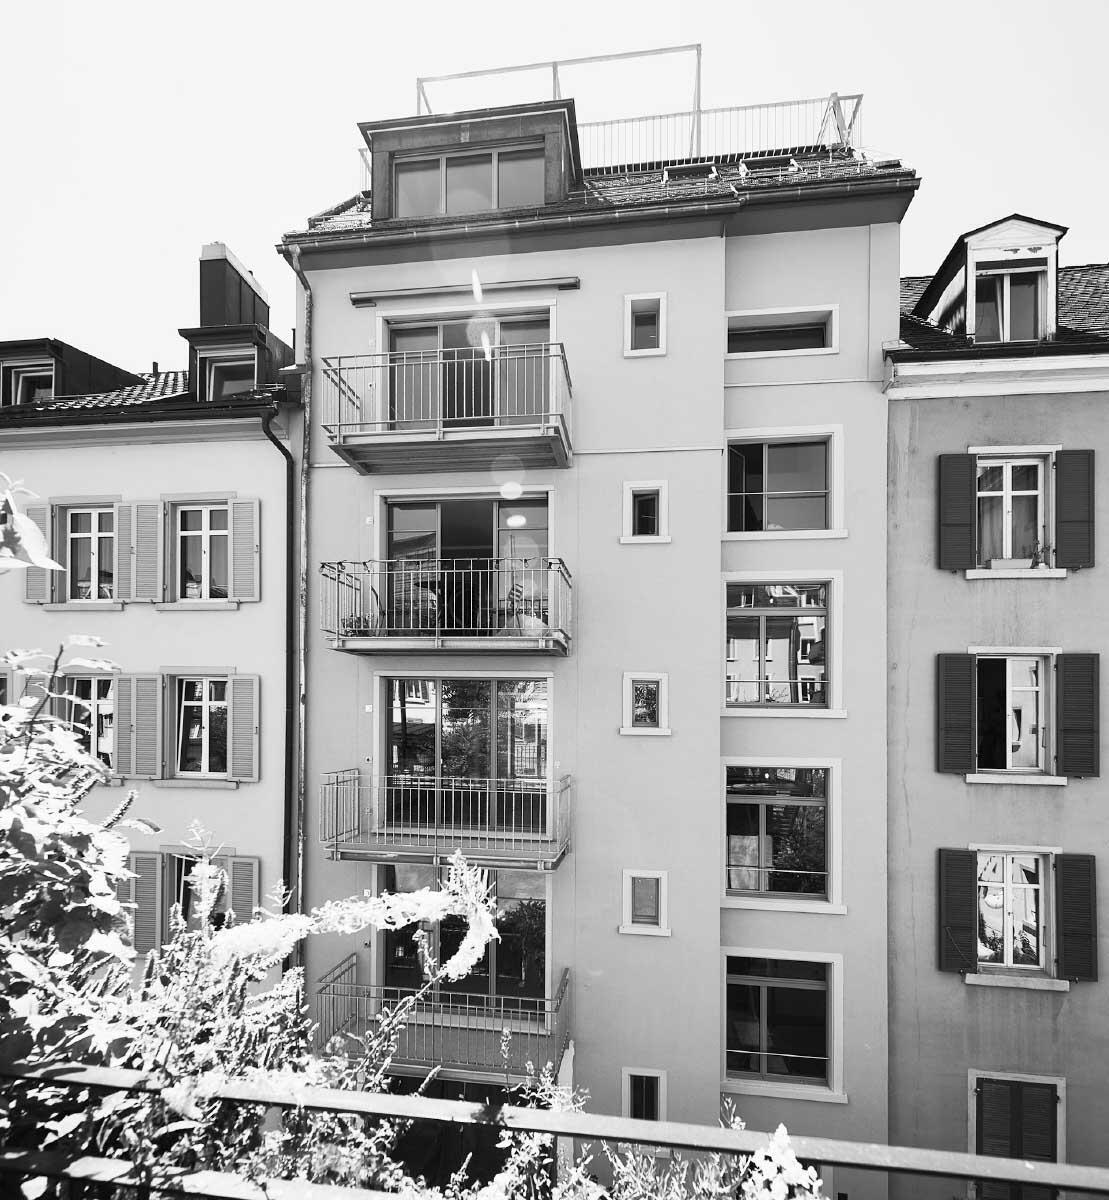 Mit neuen Balkonen und grossen Fenstertüren öffnen sich die Wohnungen zum neu belebten Innenhof. Küche und Wohnraum erhalten dadurch Licht und Weite. Bilder: Andrea Diglas